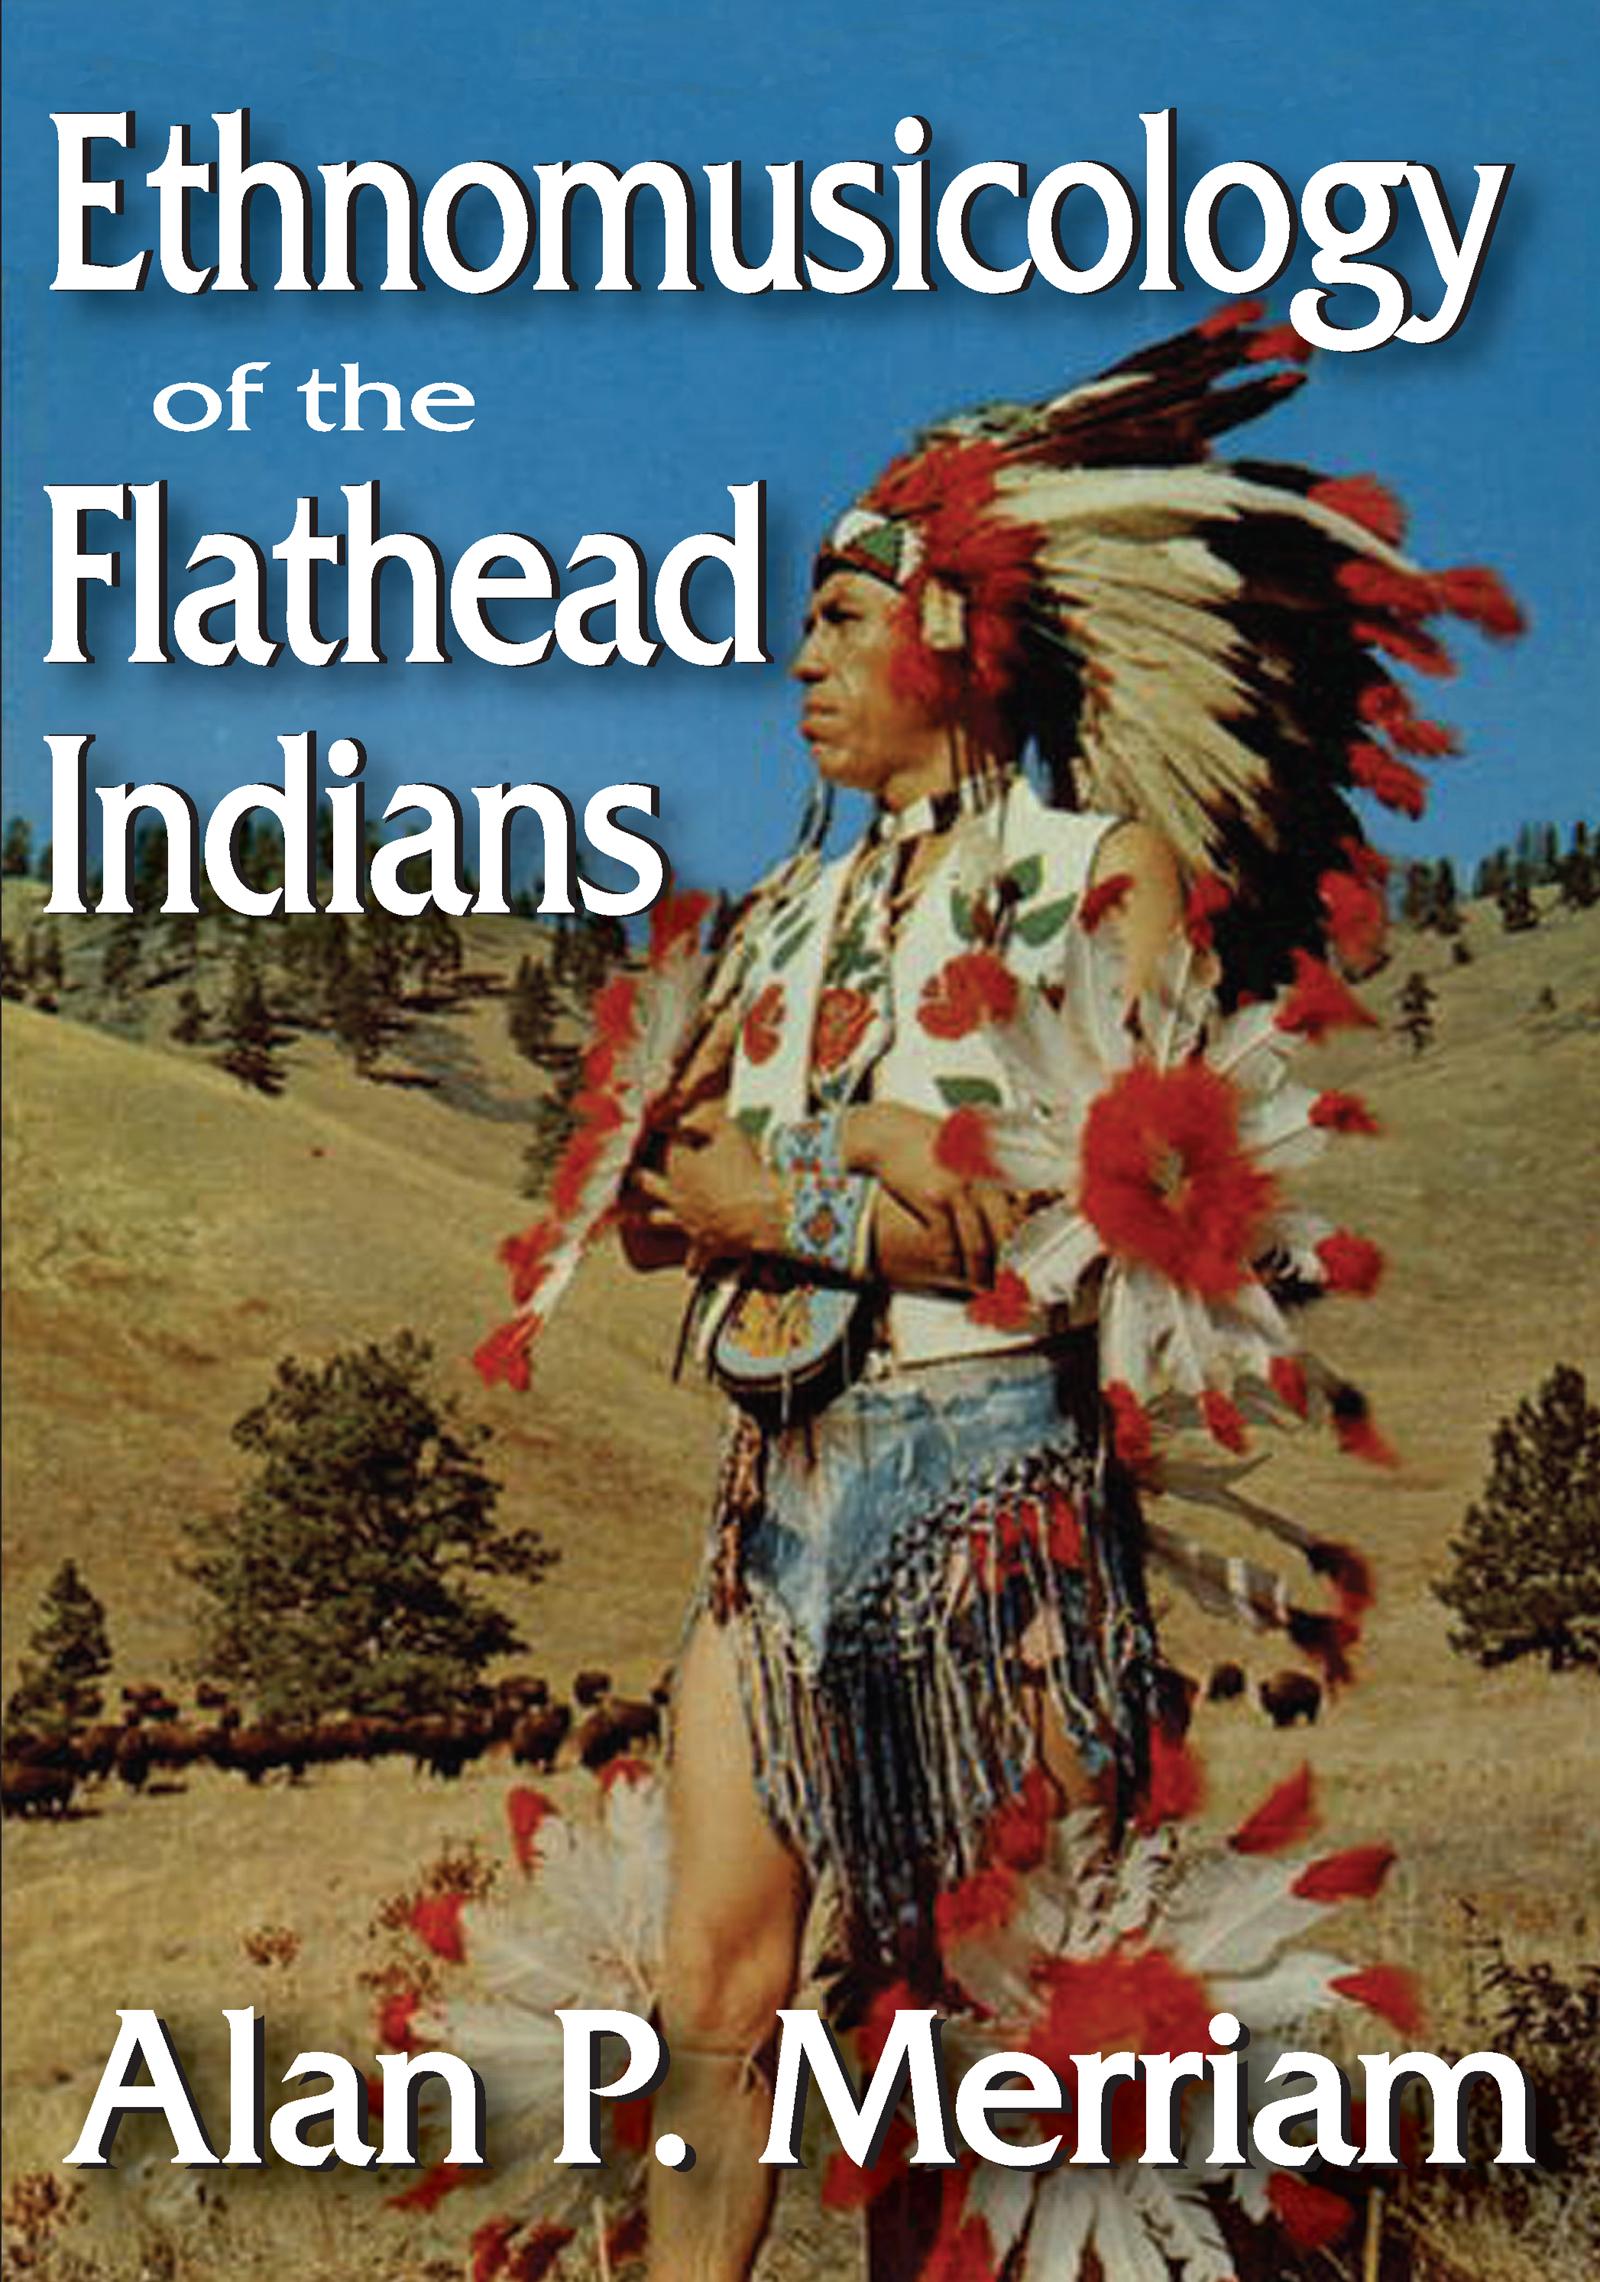 Ethnomusicology of the Flathead Indians